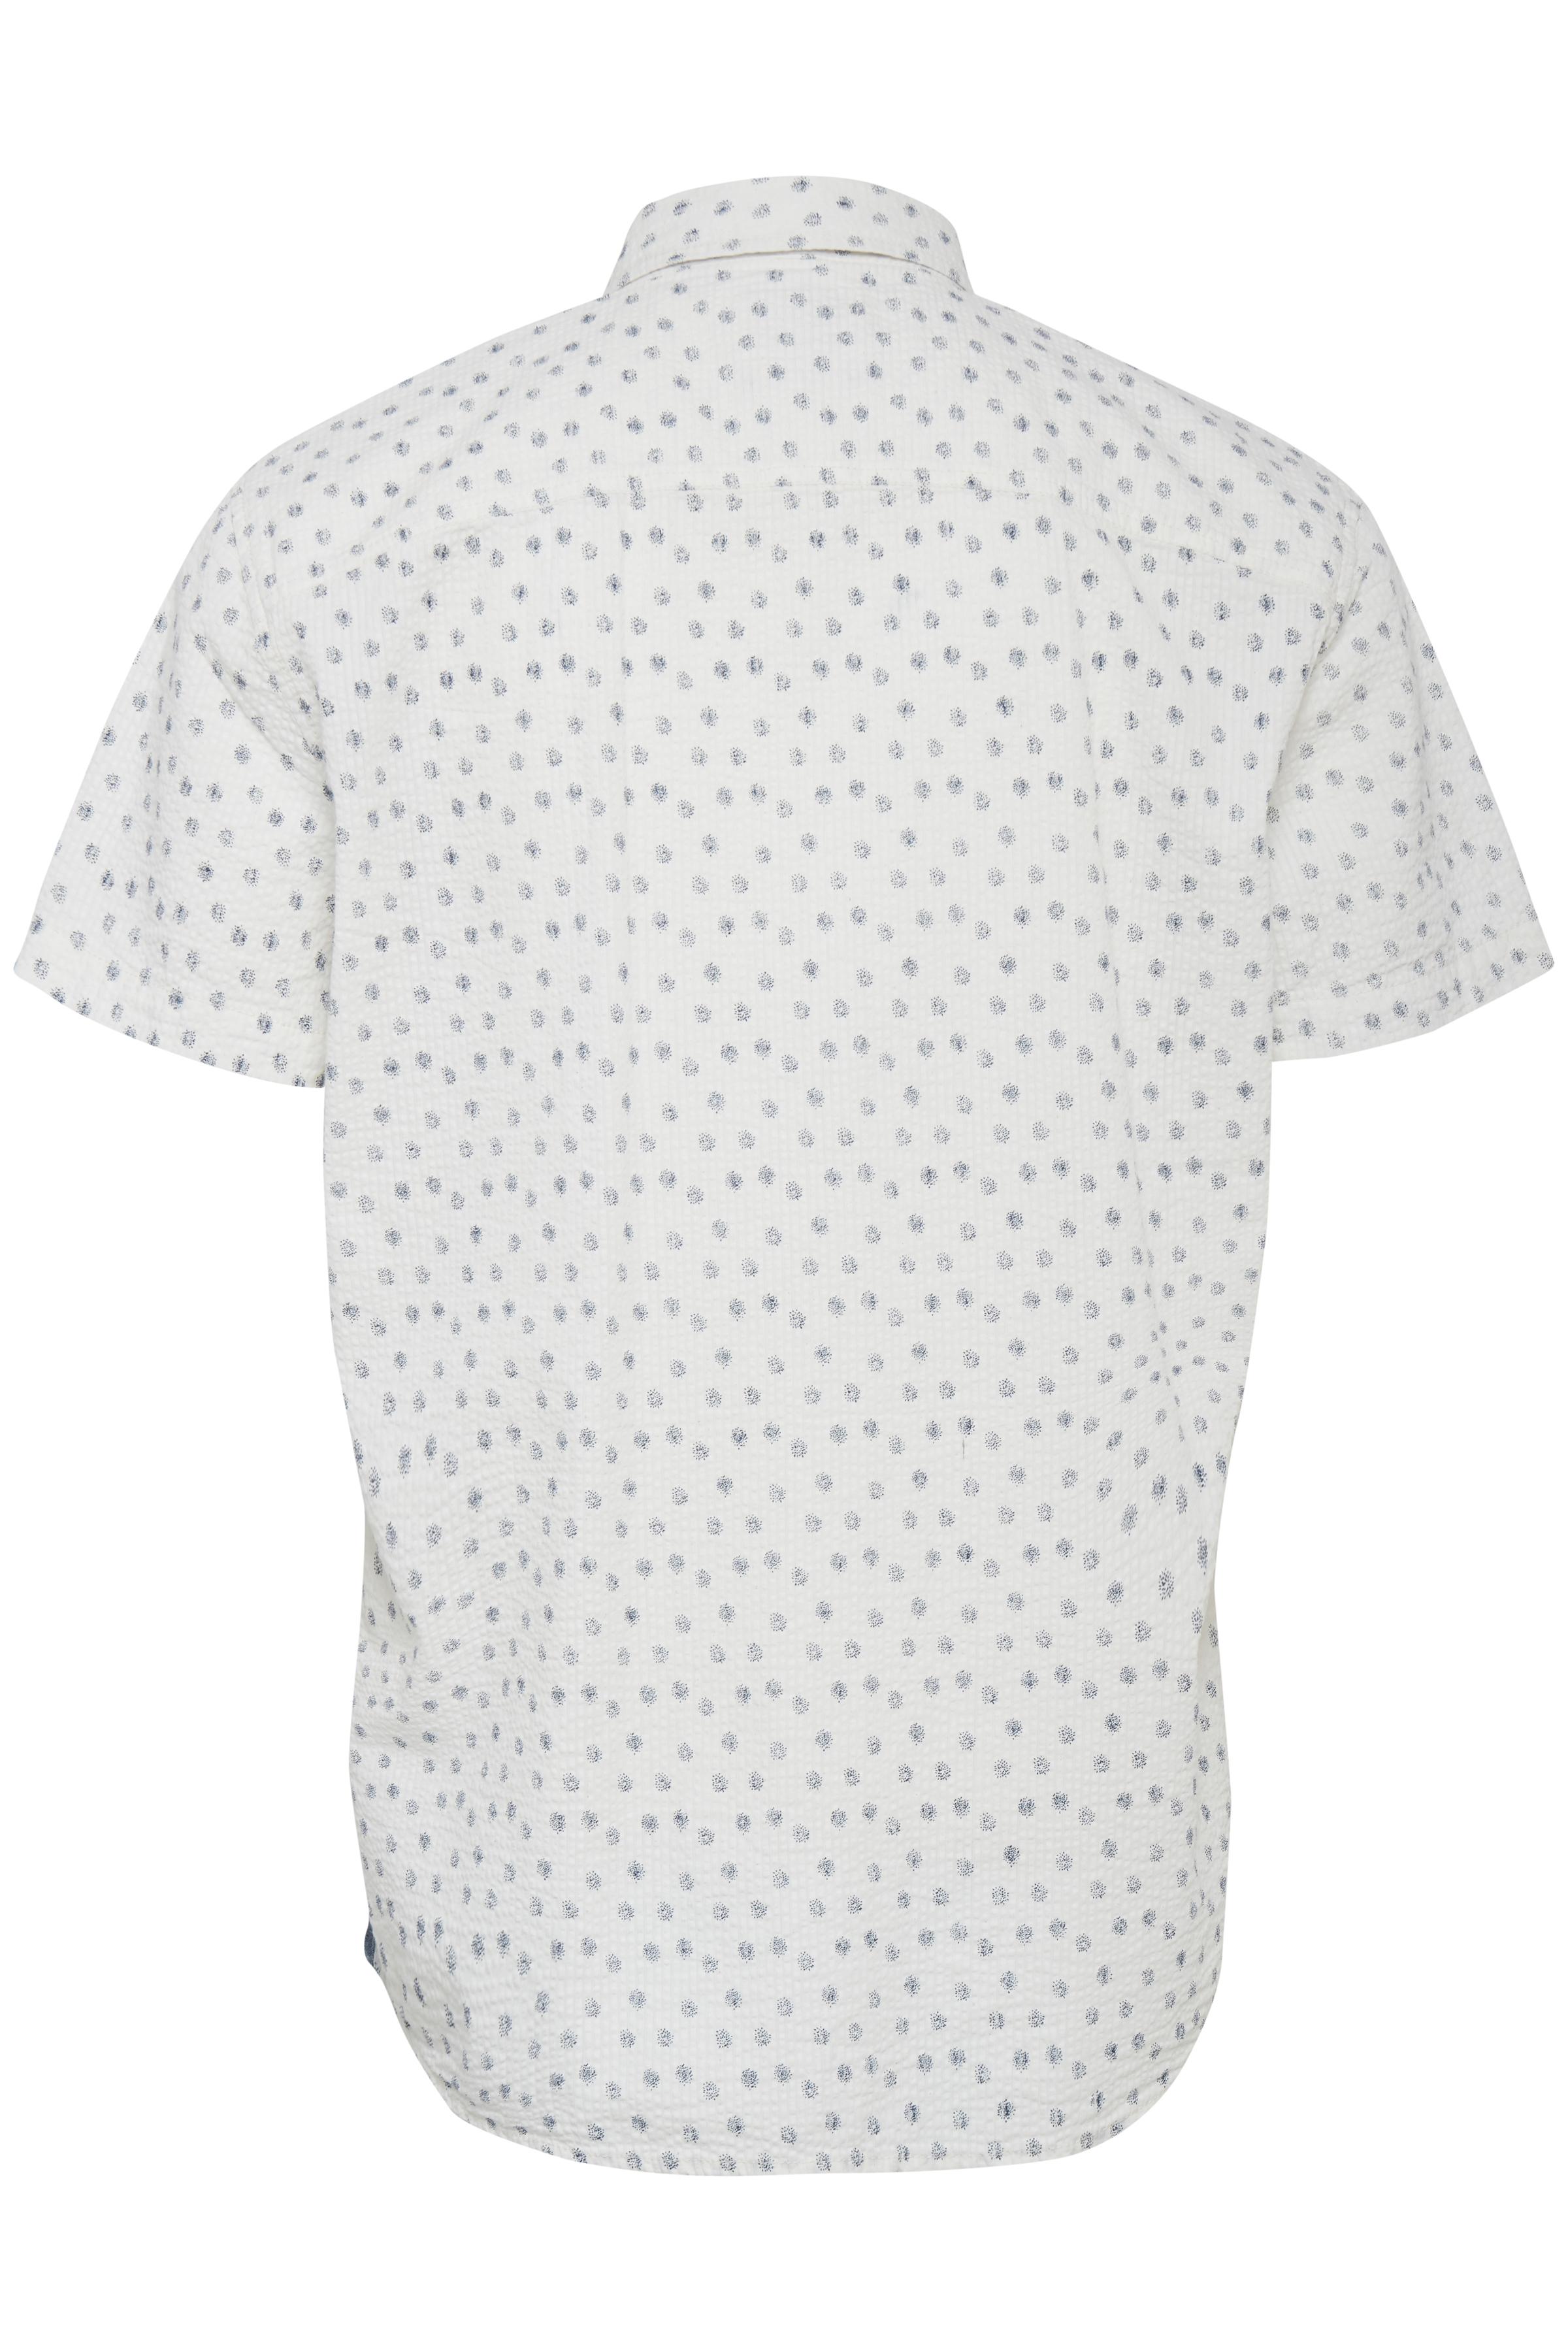 Cream White Skjorte – Køb Cream White Skjorte fra str. M-3XL her